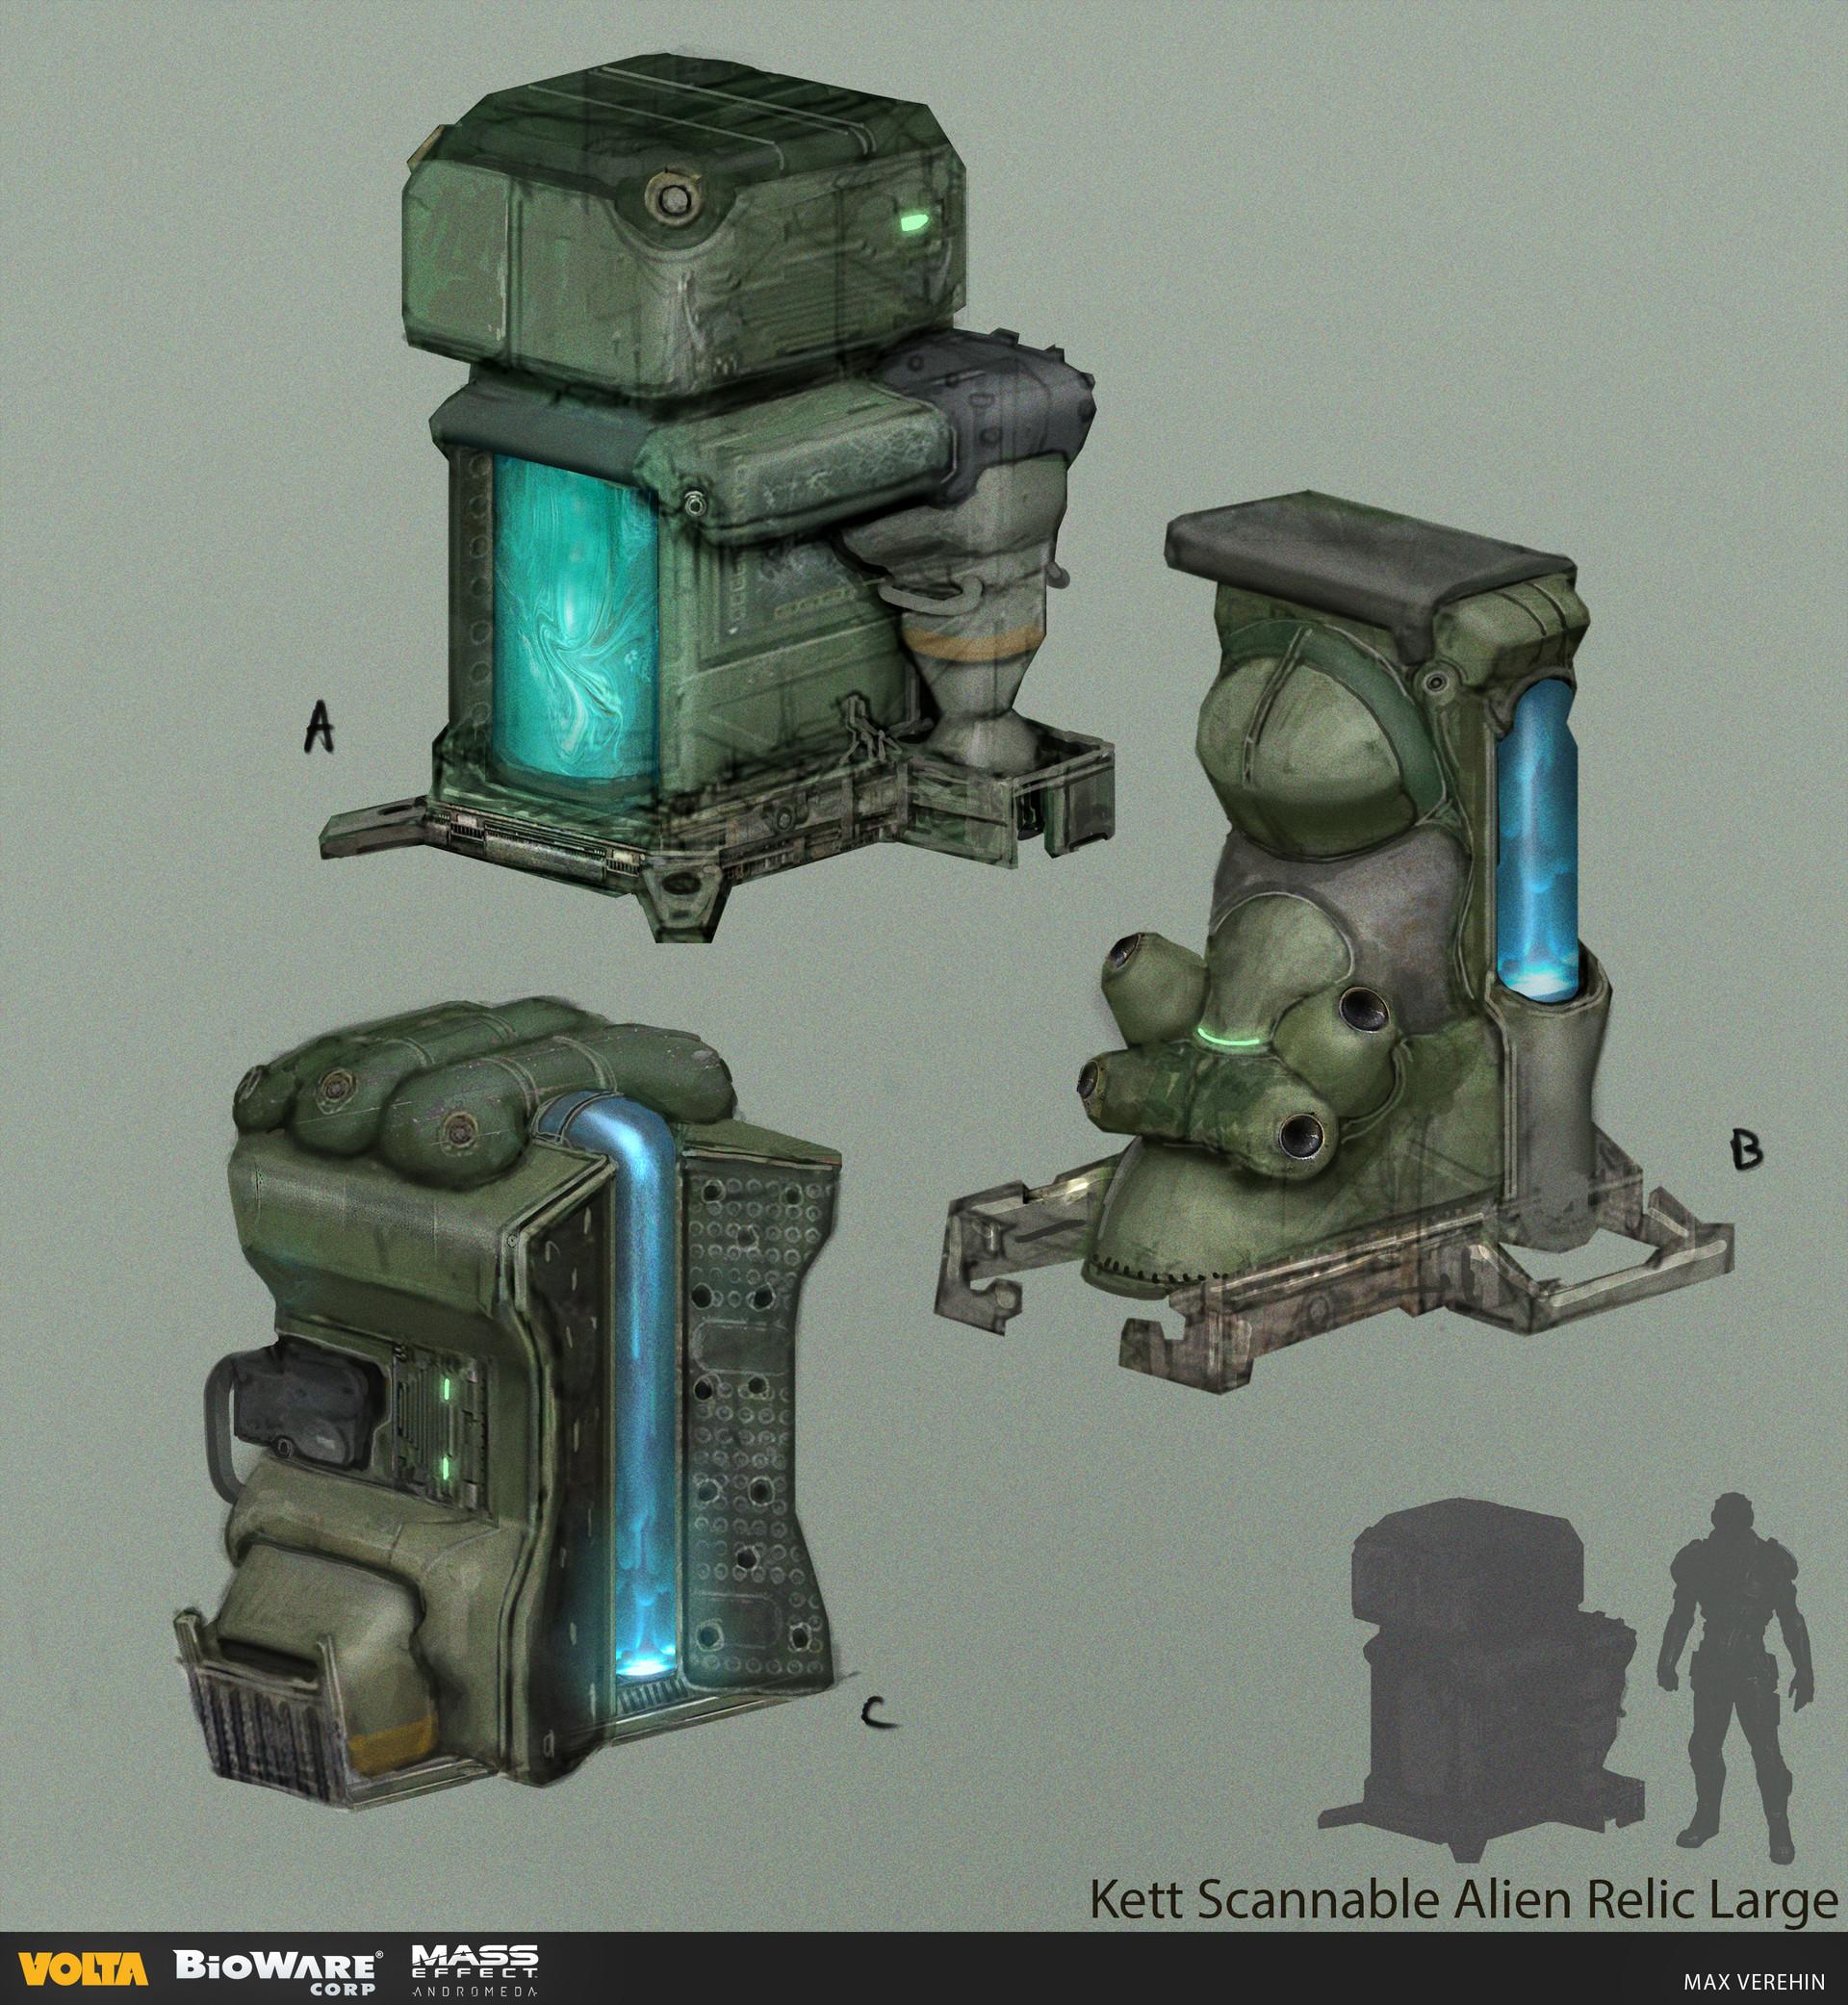 Maxim verehin bioware mec kett scannable alien large sketch v01 copy